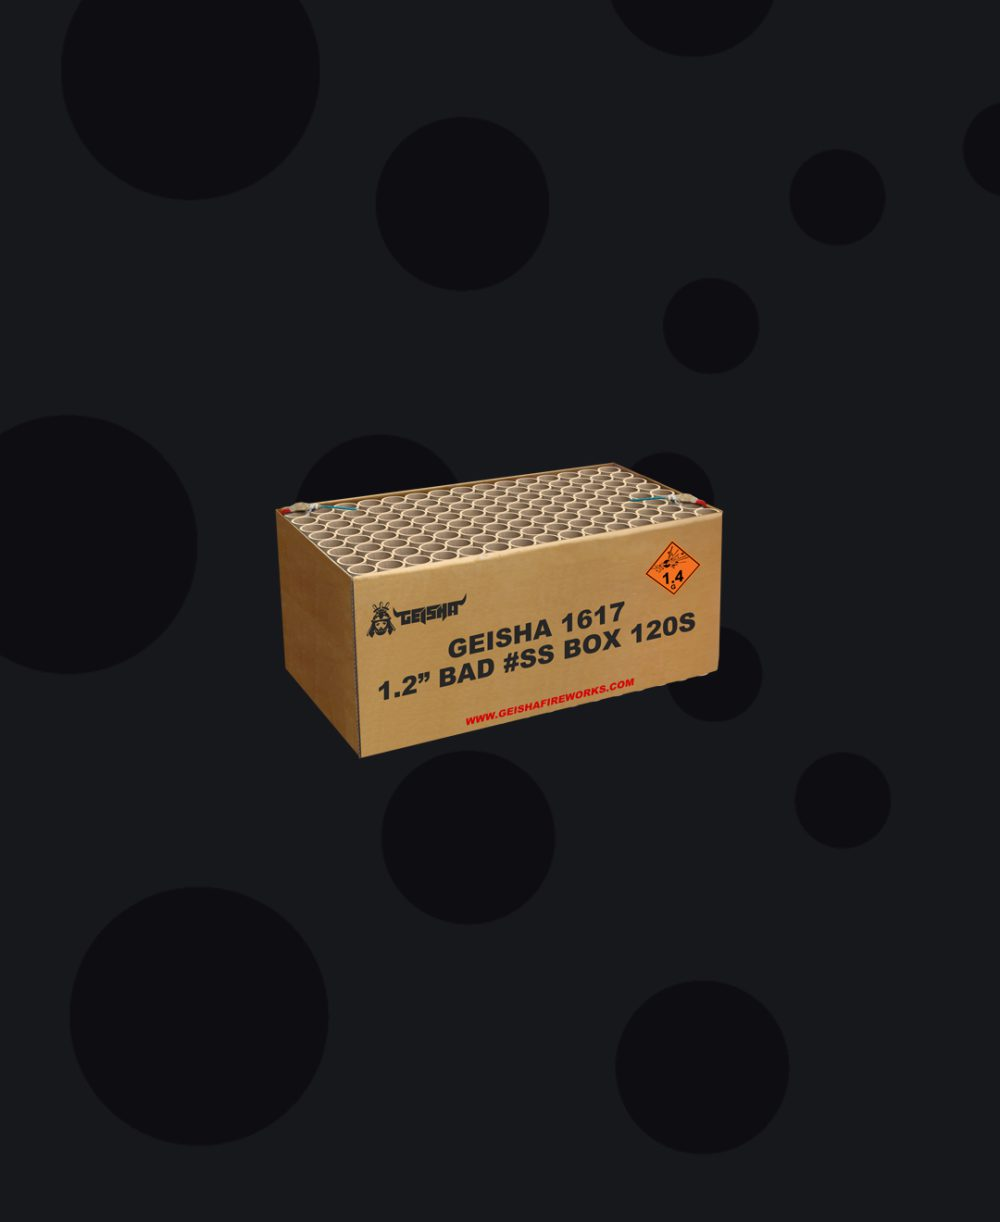 bad ass box